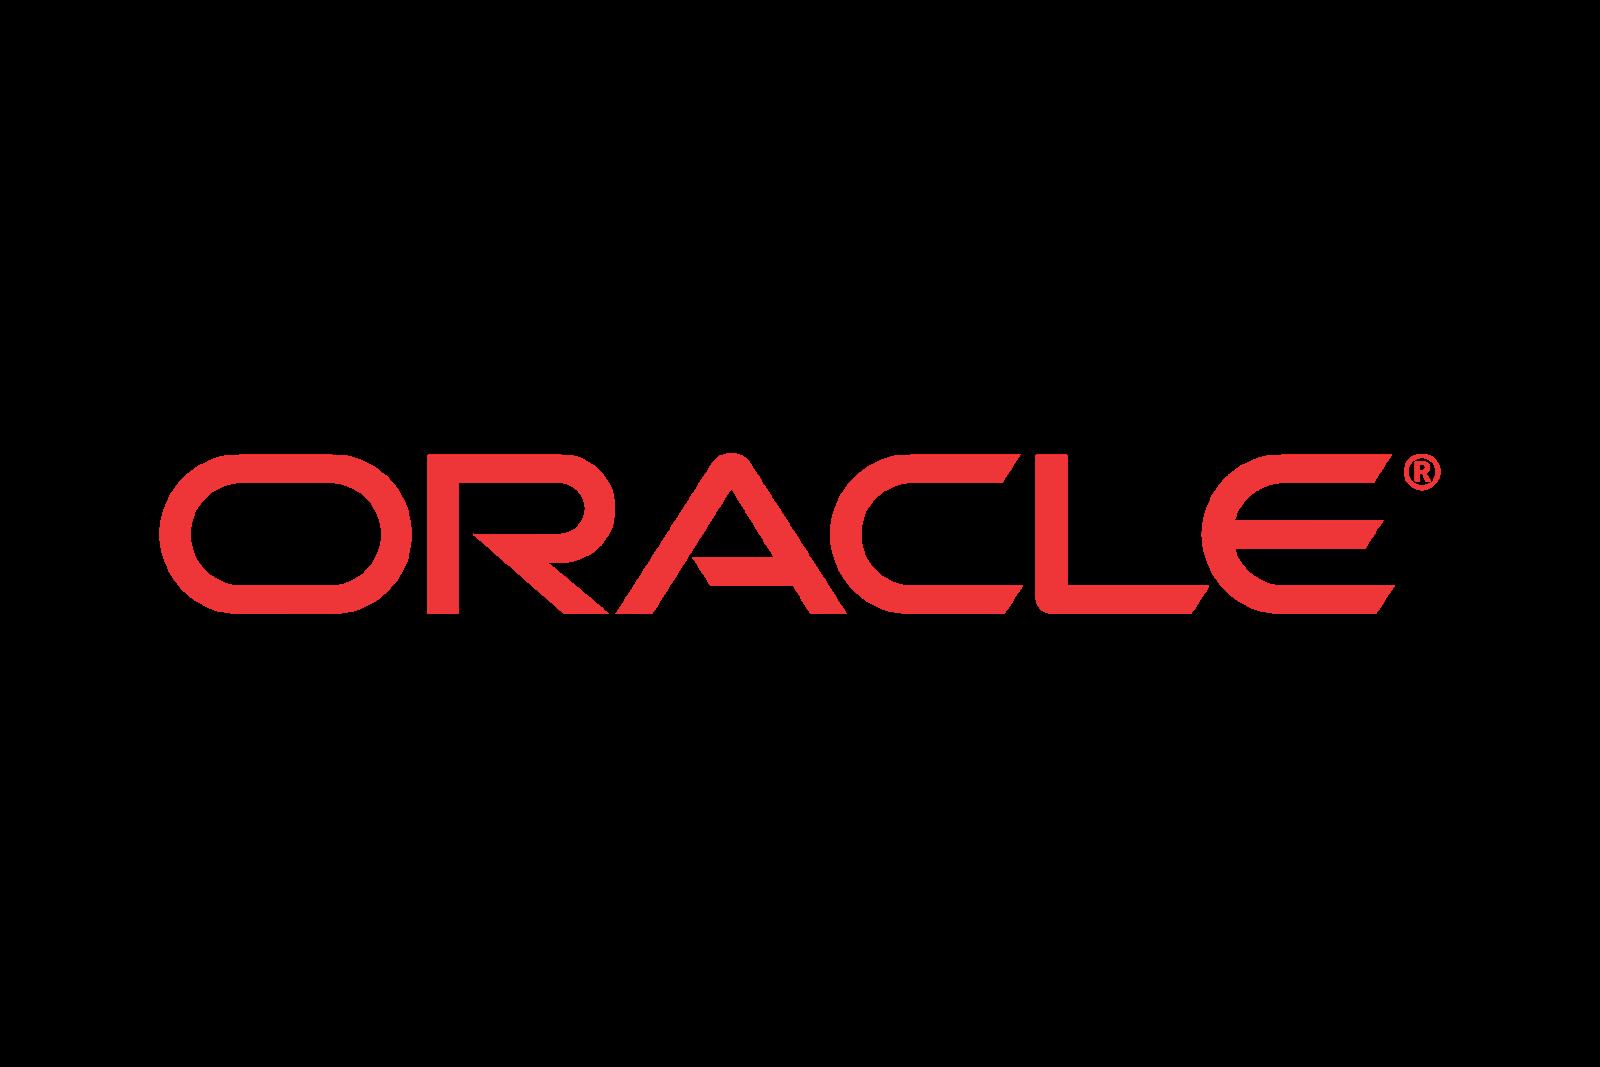 2013 logo share 2013 logo share